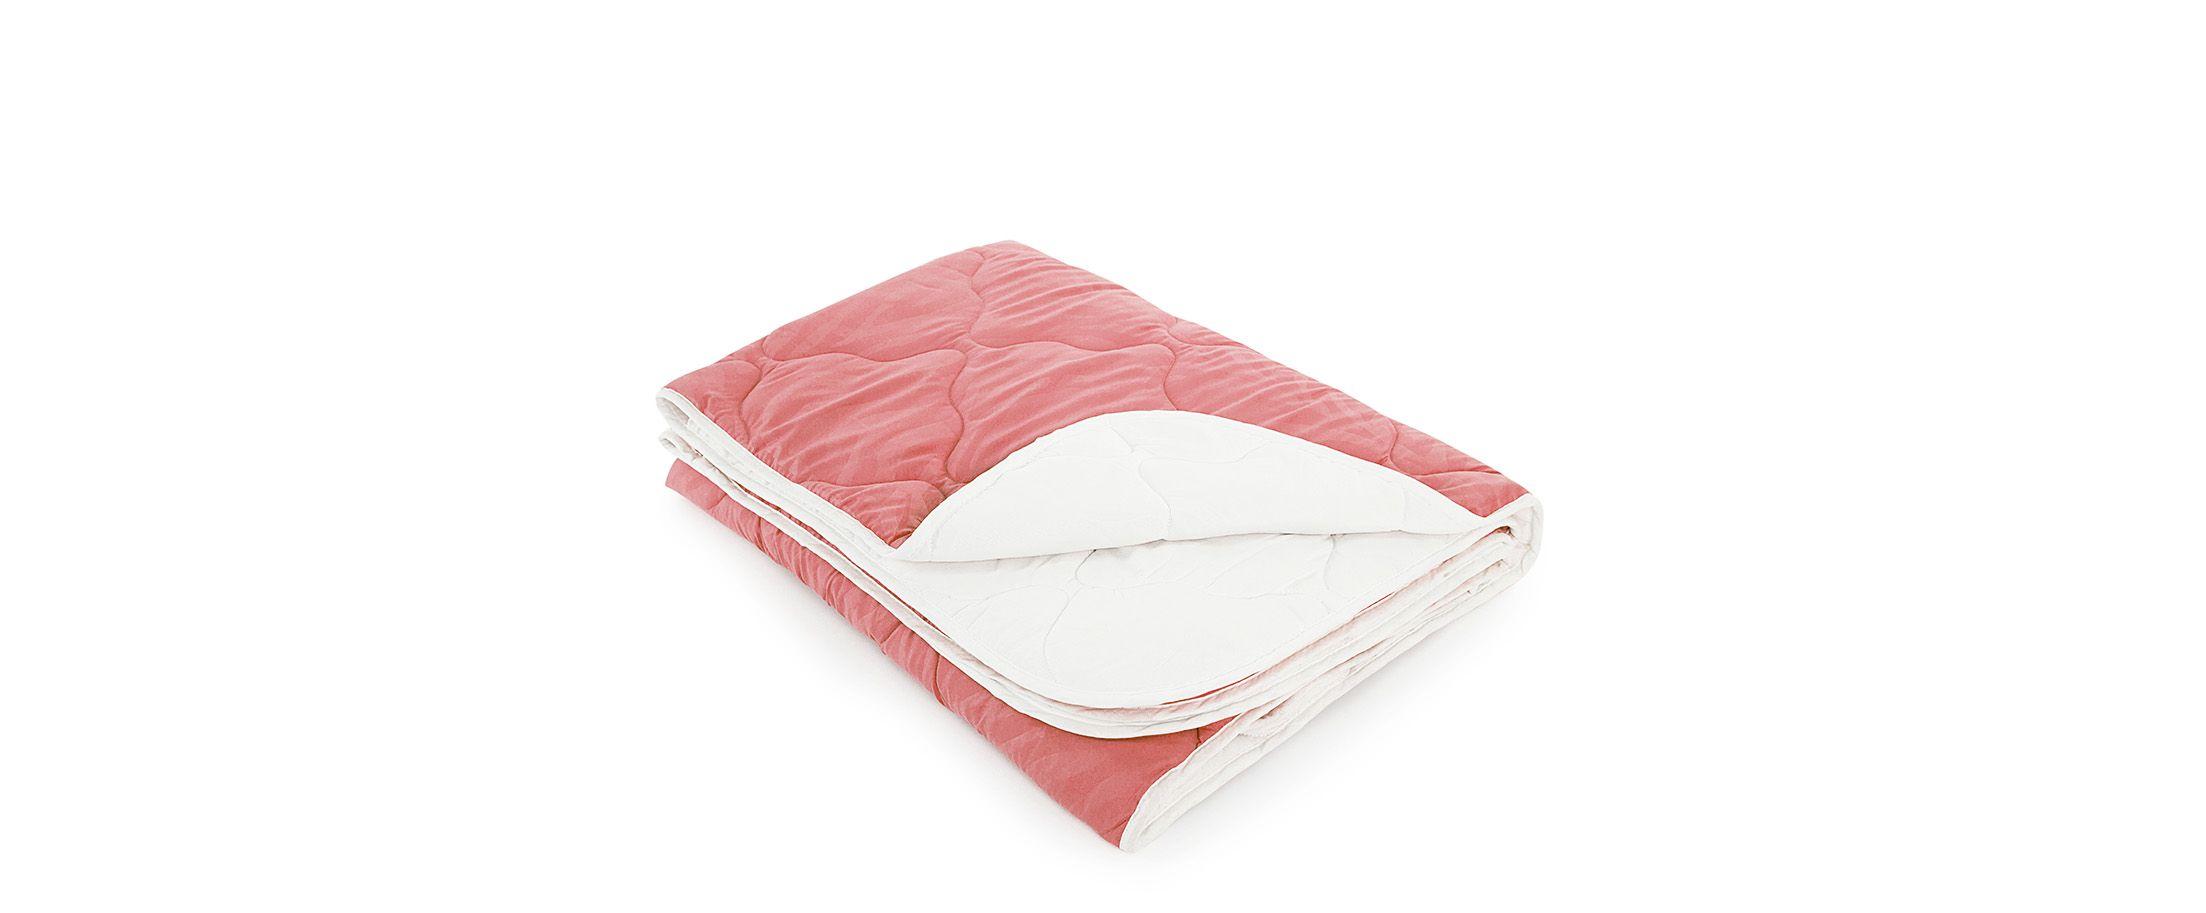 Одеяло «Для тебя» 172х205 розового цвета Модель 4004Одеяла<br>Одеяло «Для тебя» 172х205 розового цвета Модель 4004. Артикул К000735<br>